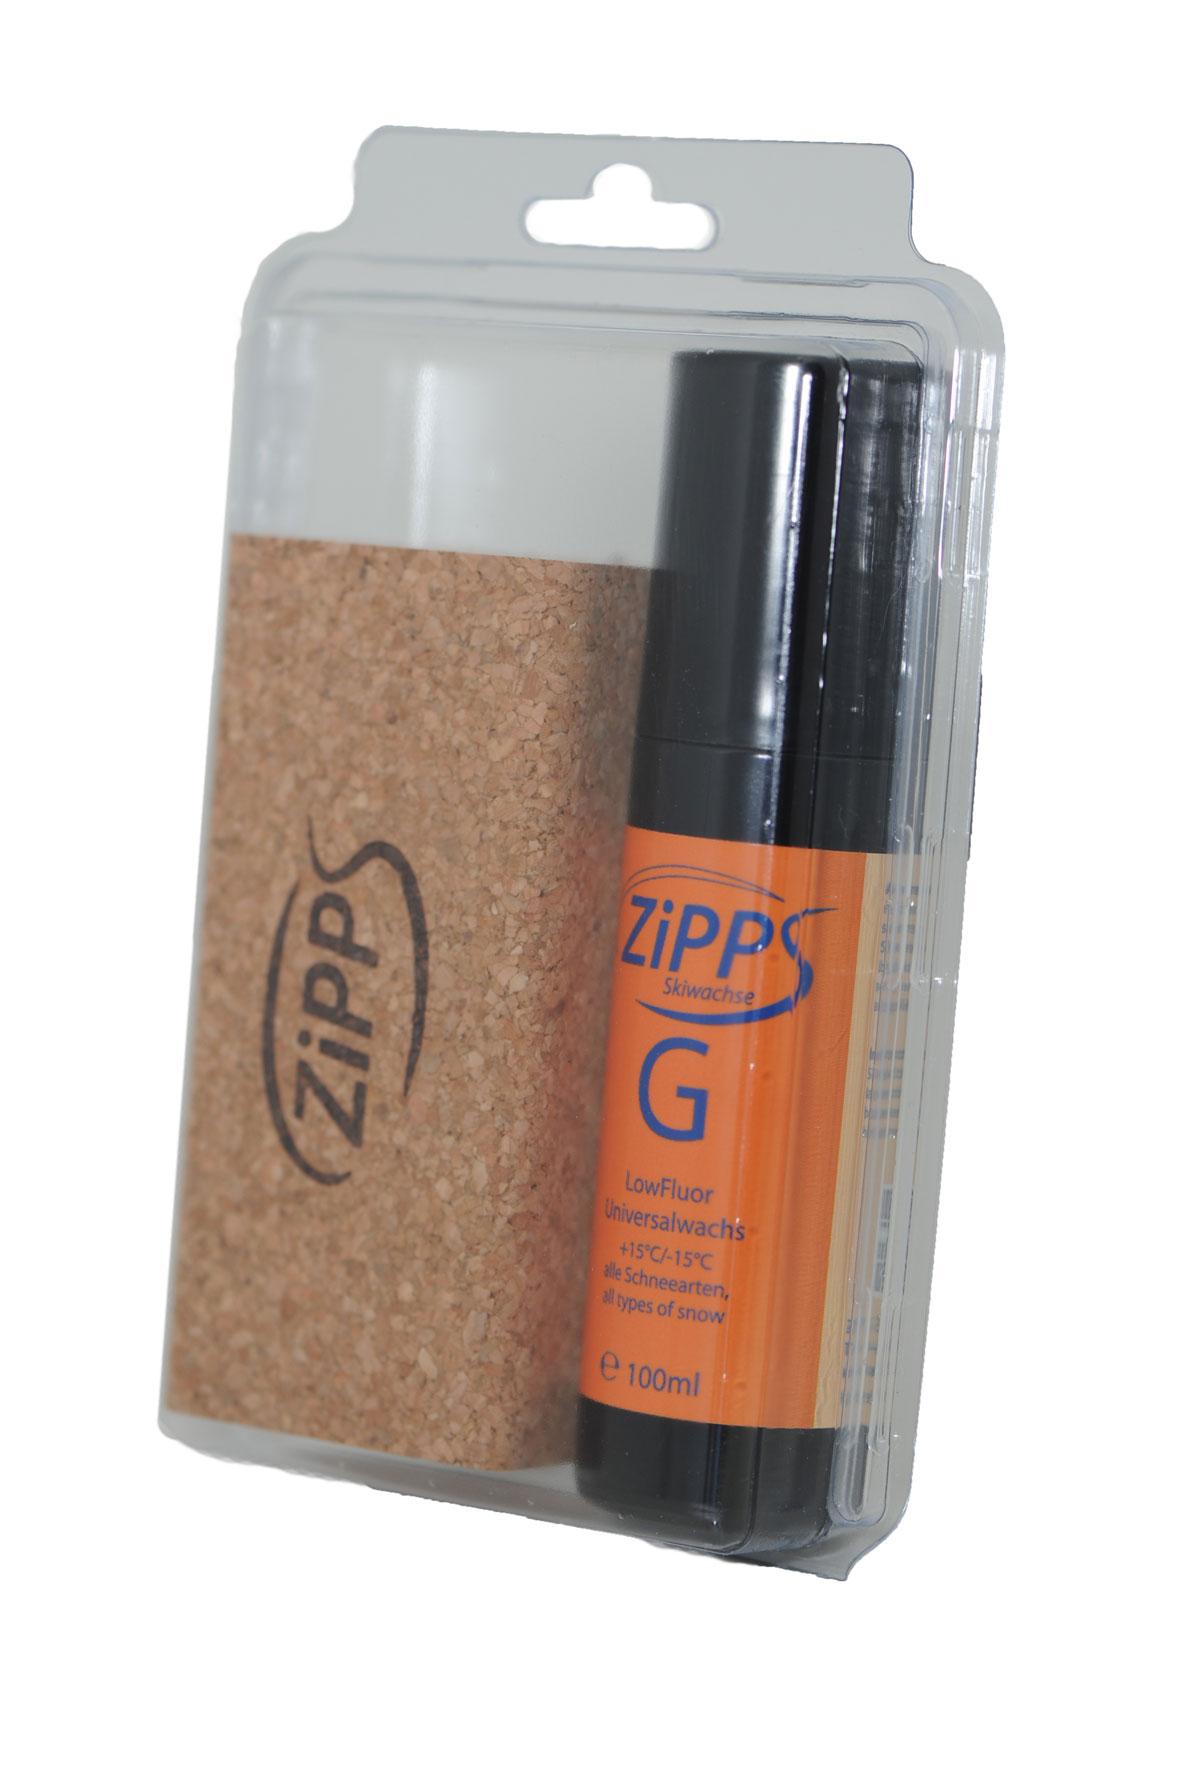 Zipps Set Image